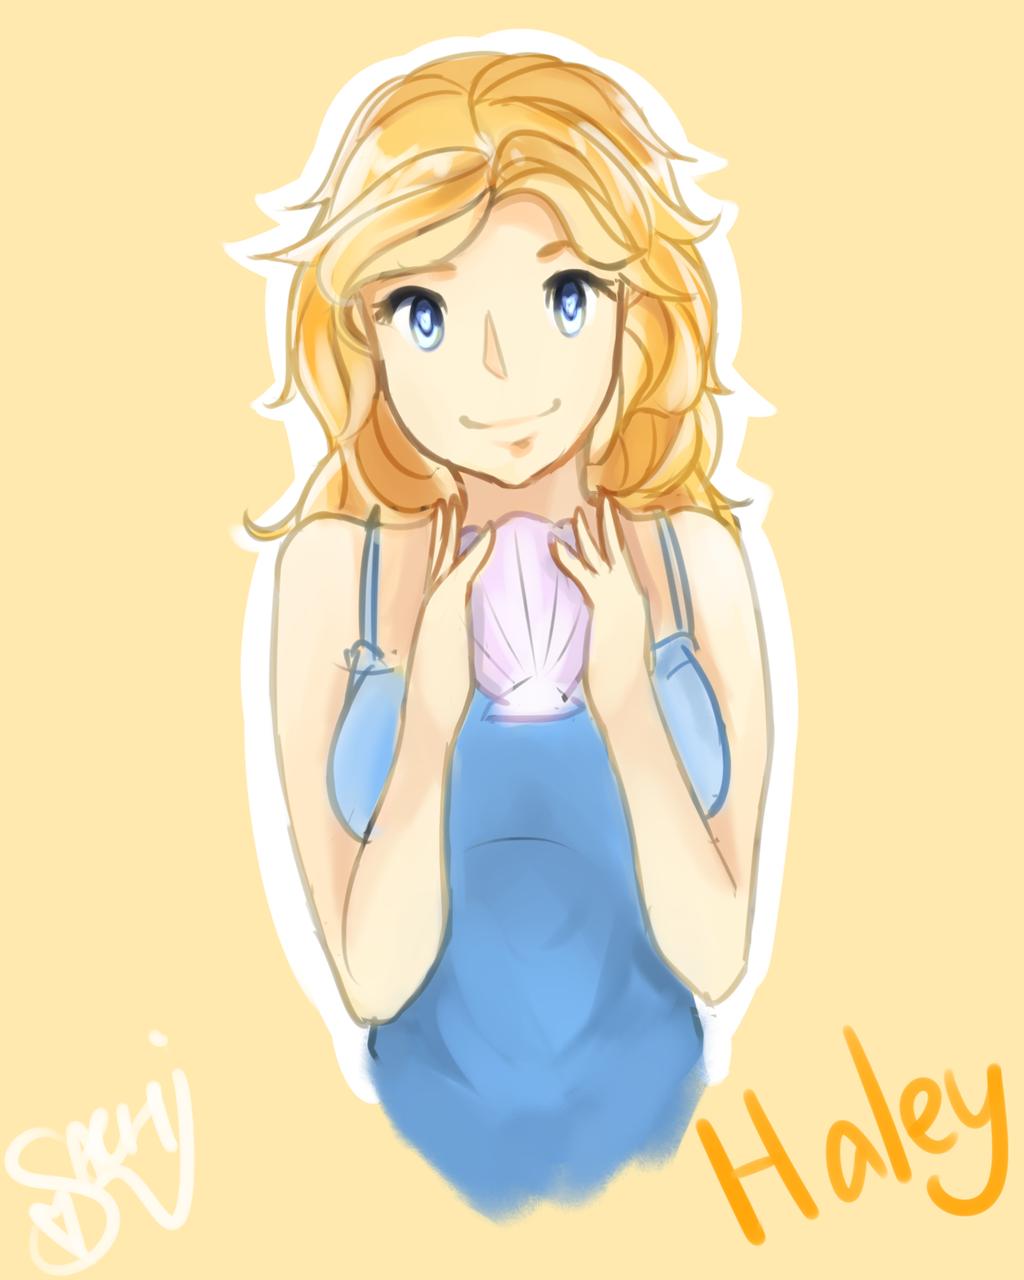 Haley [stardew valley] by SuchieOv deviantart com on